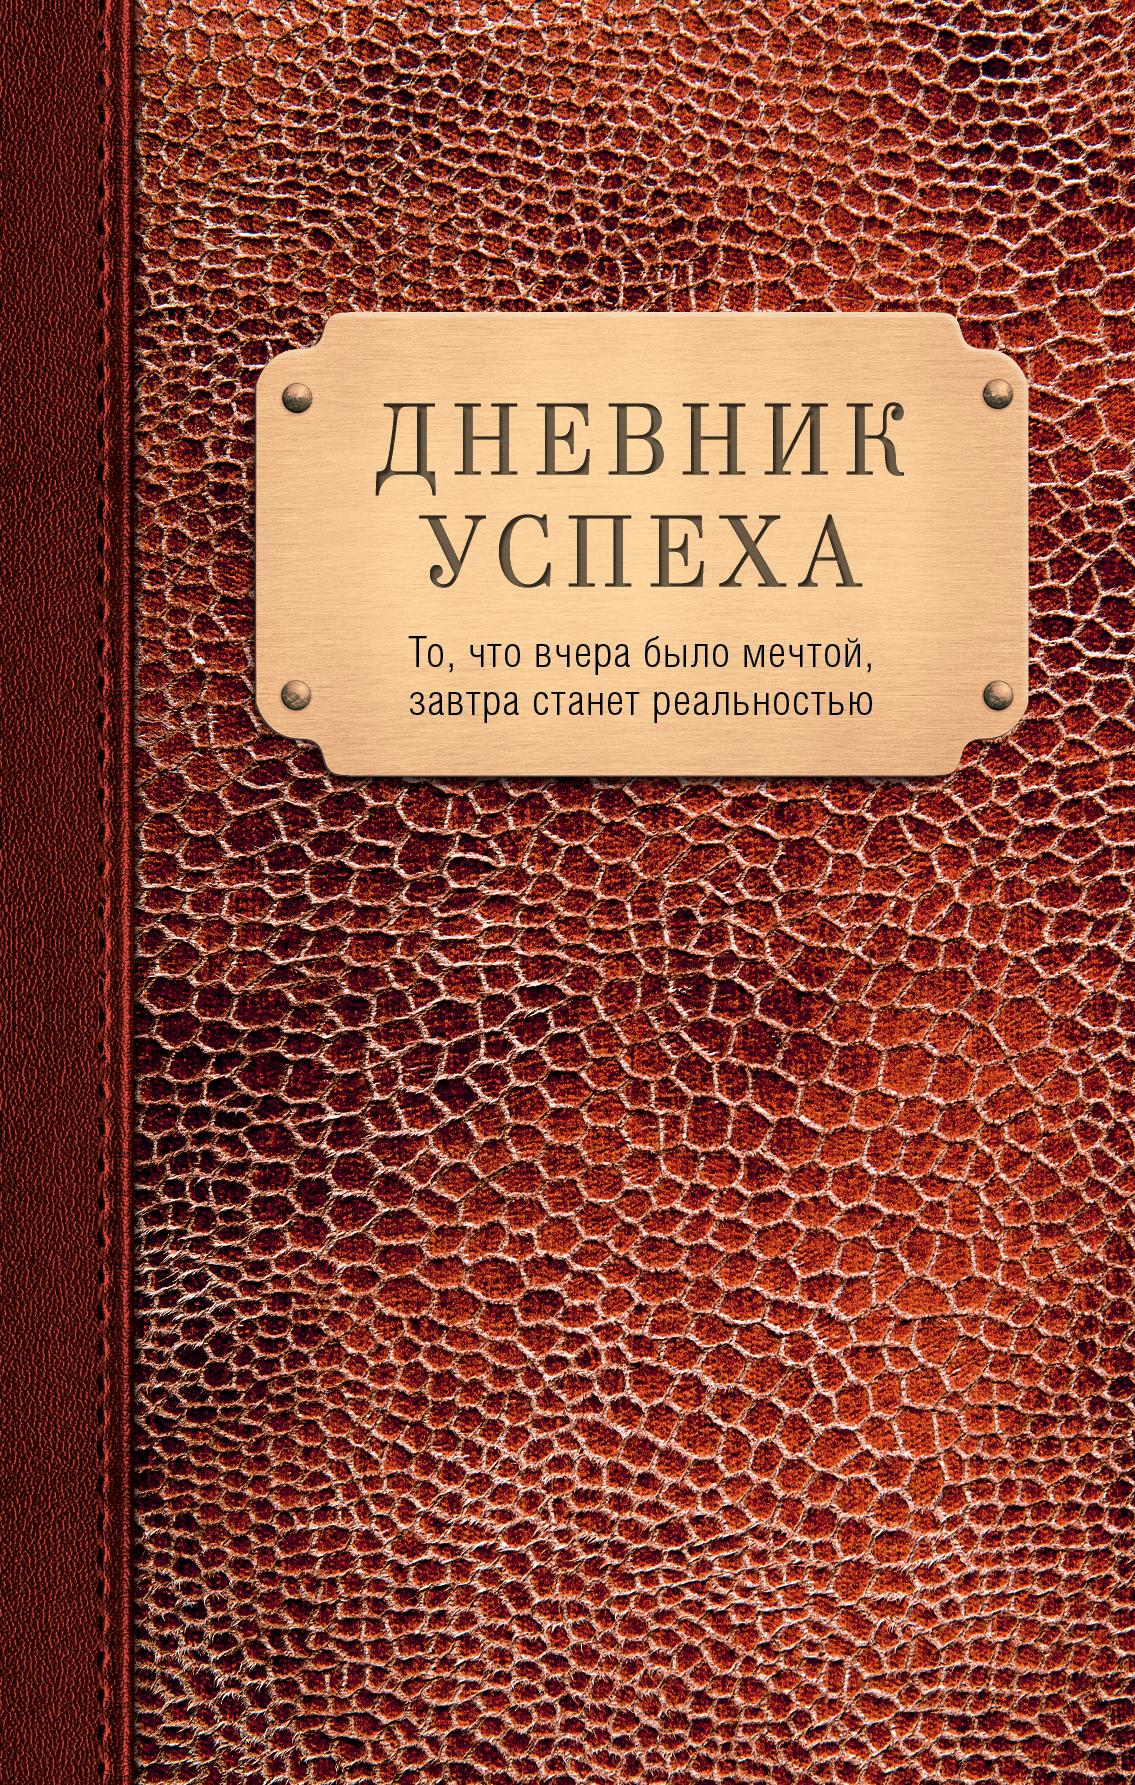 Артемьева Татьяна Дневник успеха